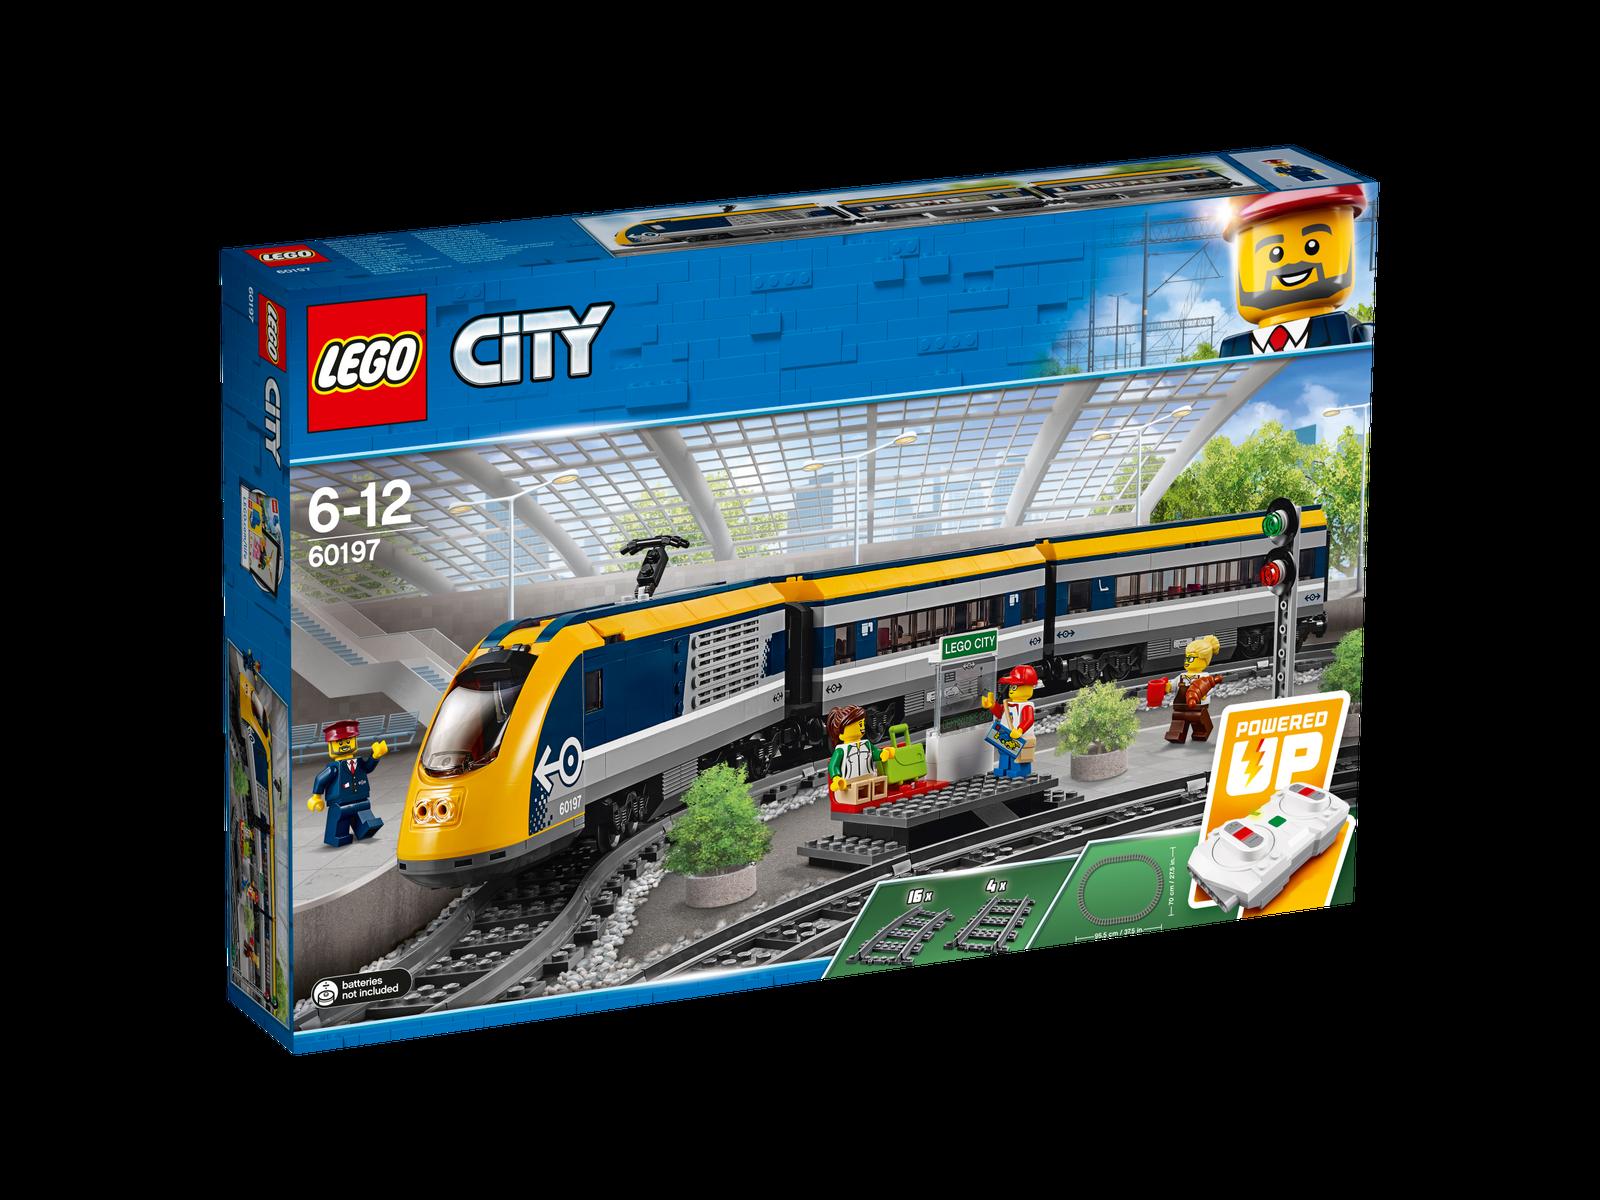 LEGO ® City 60197 train de passagers Nouveau neuf dans sa boîte _ Passenger Train NEW En parfait état, dans sa boîte scellée Boîte d'origine jamais ouverte